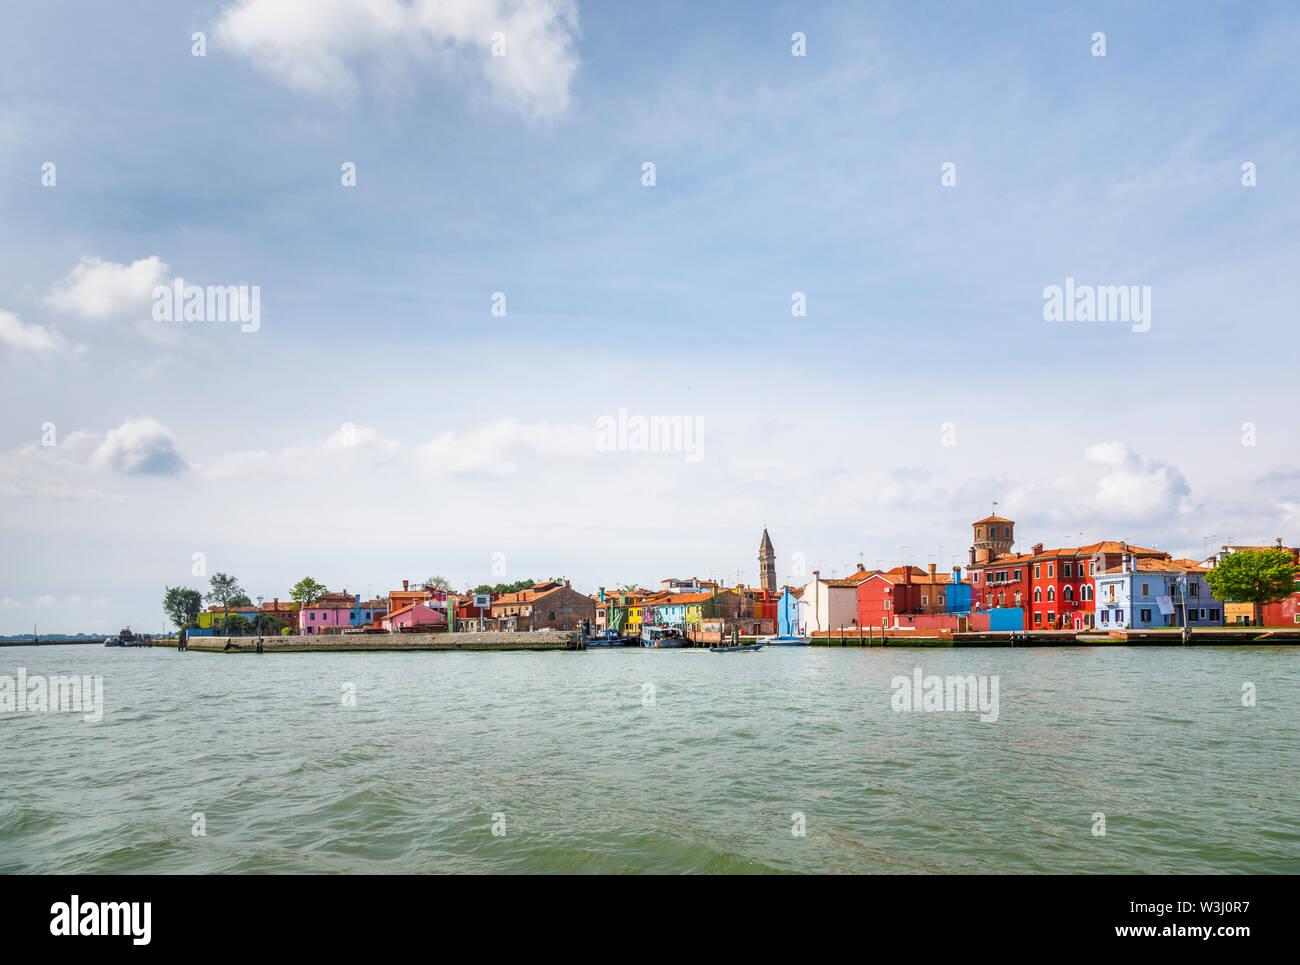 Vista de Burano, una pequeña y pintoresca isla en la Laguna de Venecia, Venecia, Italia con la inclinada campanile de la Iglesia de San Martino en el horizonte Foto de stock